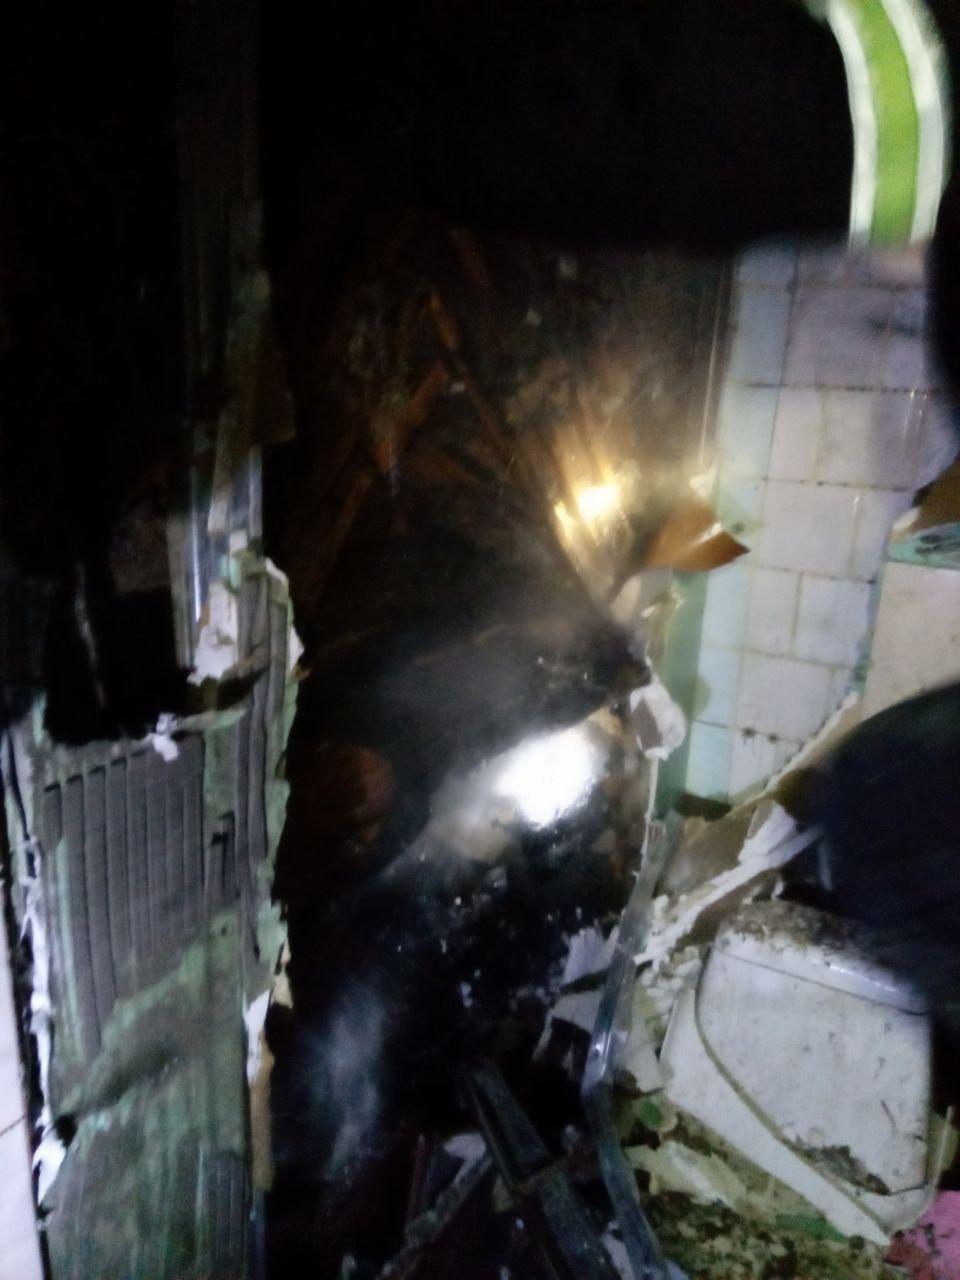 В лісі під Борисполем загубилася людина - рятувальники, пожежа - 152493542 887060848761354 4753761417427436284 o